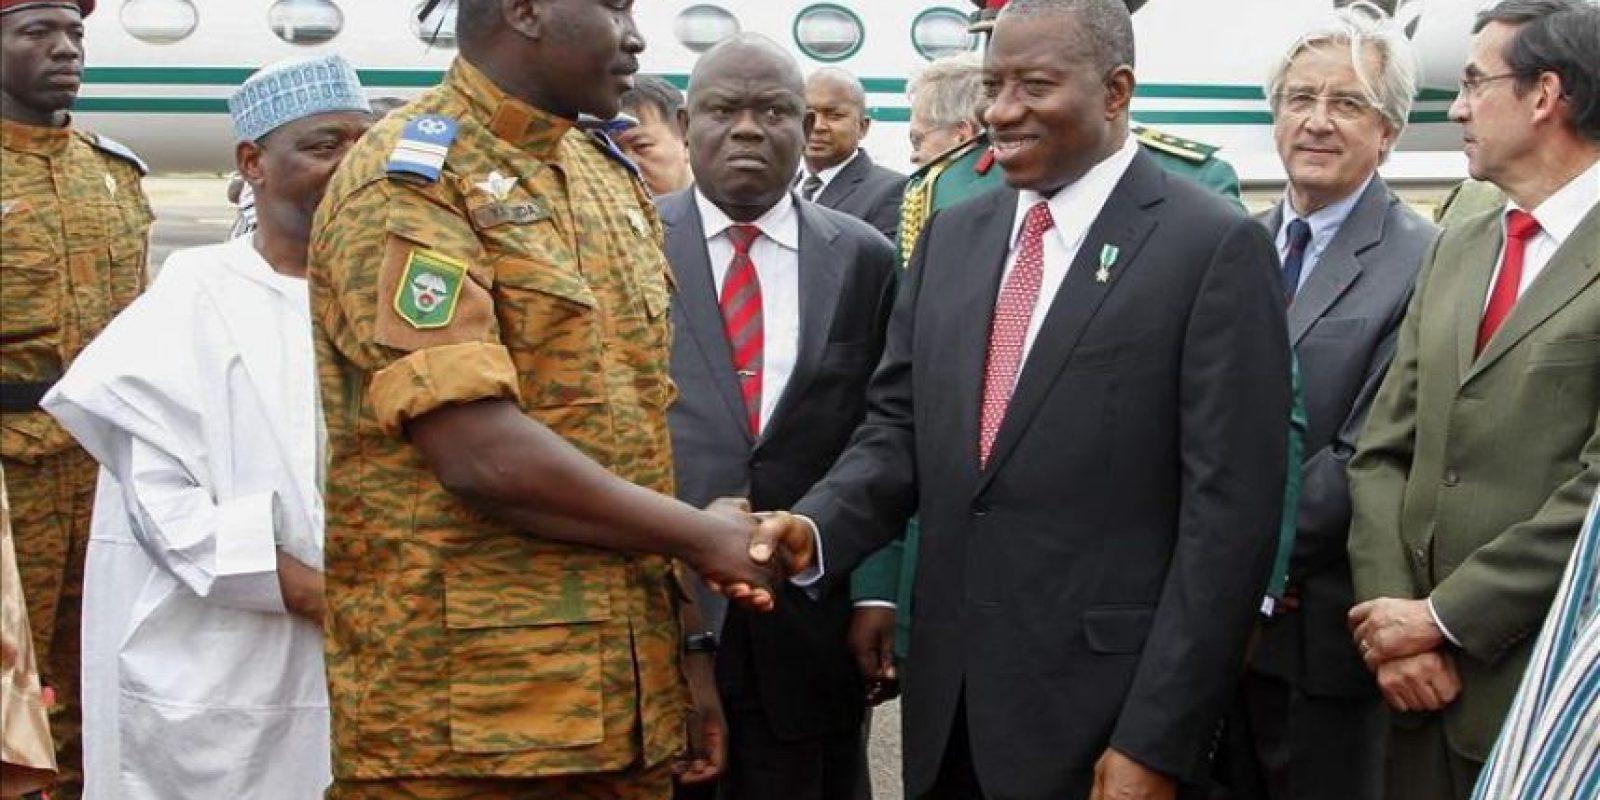 El jefe de Estado interino de Burkina Faso, el teniente coronel Isaac Zida (c-izda), recibe al presidente de Nigeria, Goodluck Jonathan (c-dcha), en el aeropuerto de Uagadugú, Burkina Faso, antes de la reunión de Zida con los líderes de la Comisión de la Comunidad Económica de Estados del África Occidental (CEDEAO). Líderes de la CEDEAO llegaron hoy a Uagadugú para mediar en la crisis abierta en Burkina Faso tras la dimisión de Blaise Compaoré como jefe de Estado. EFE